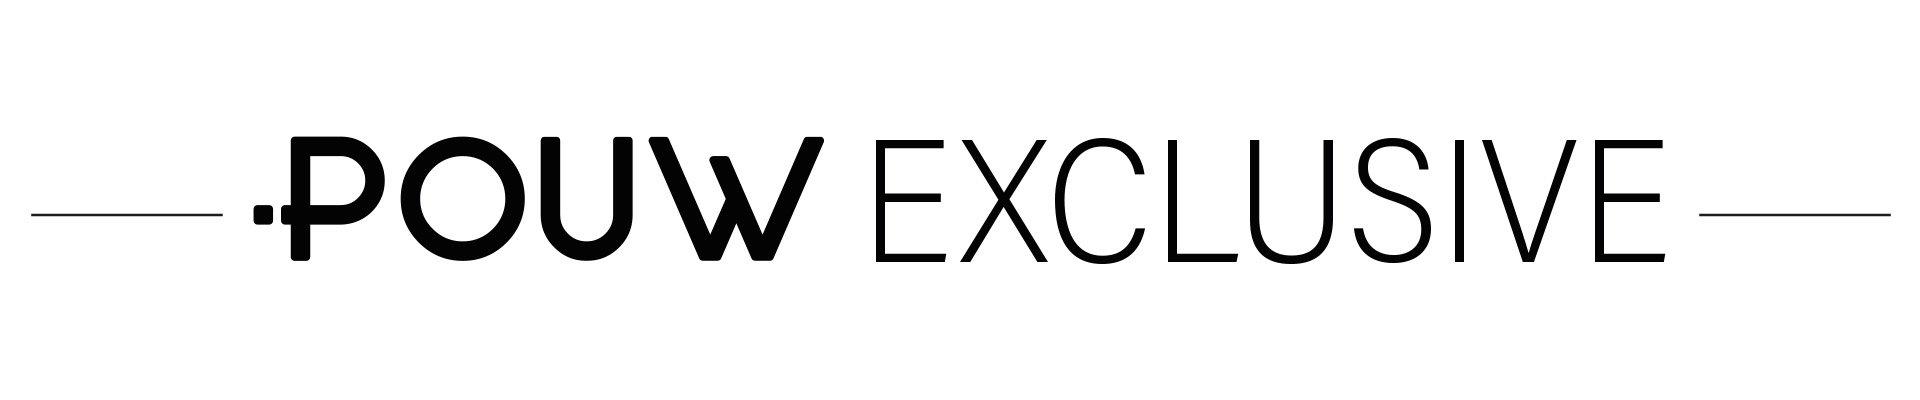 pouw-exclusive